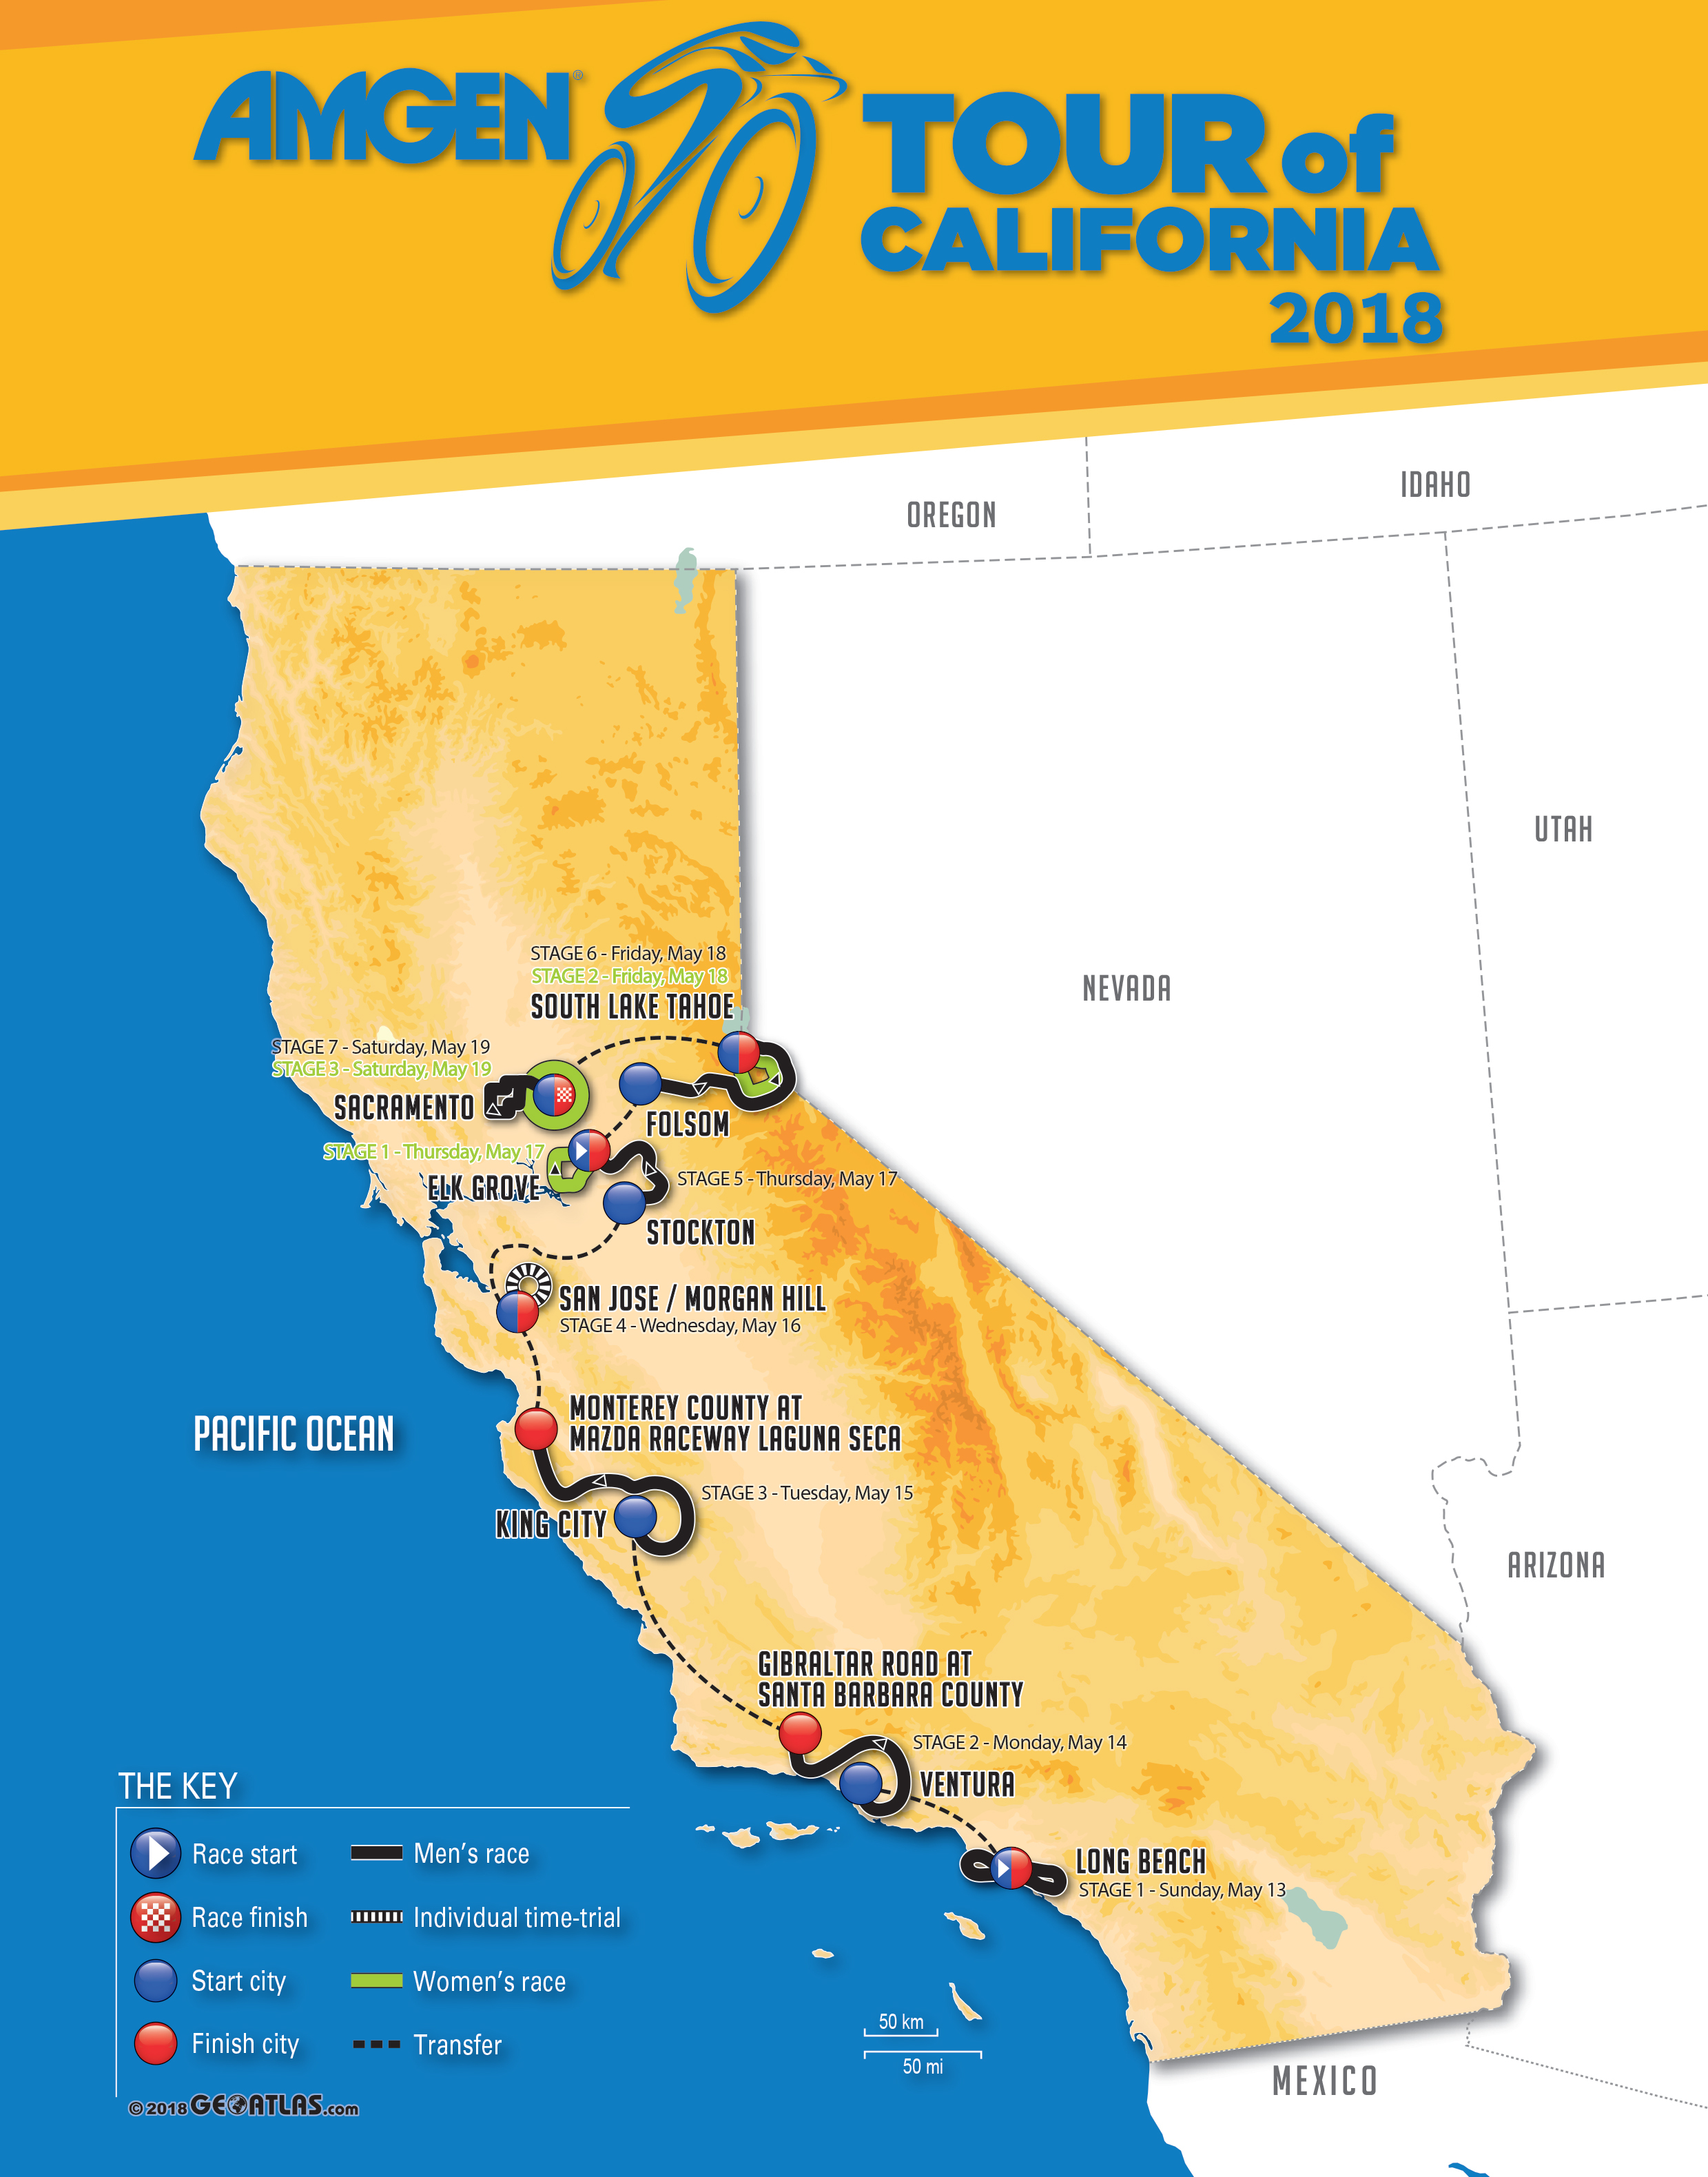 mms.businesswire.com/media/20180208005621/en/639695/5/ATOC18_Route+Announcement+Map.jpg